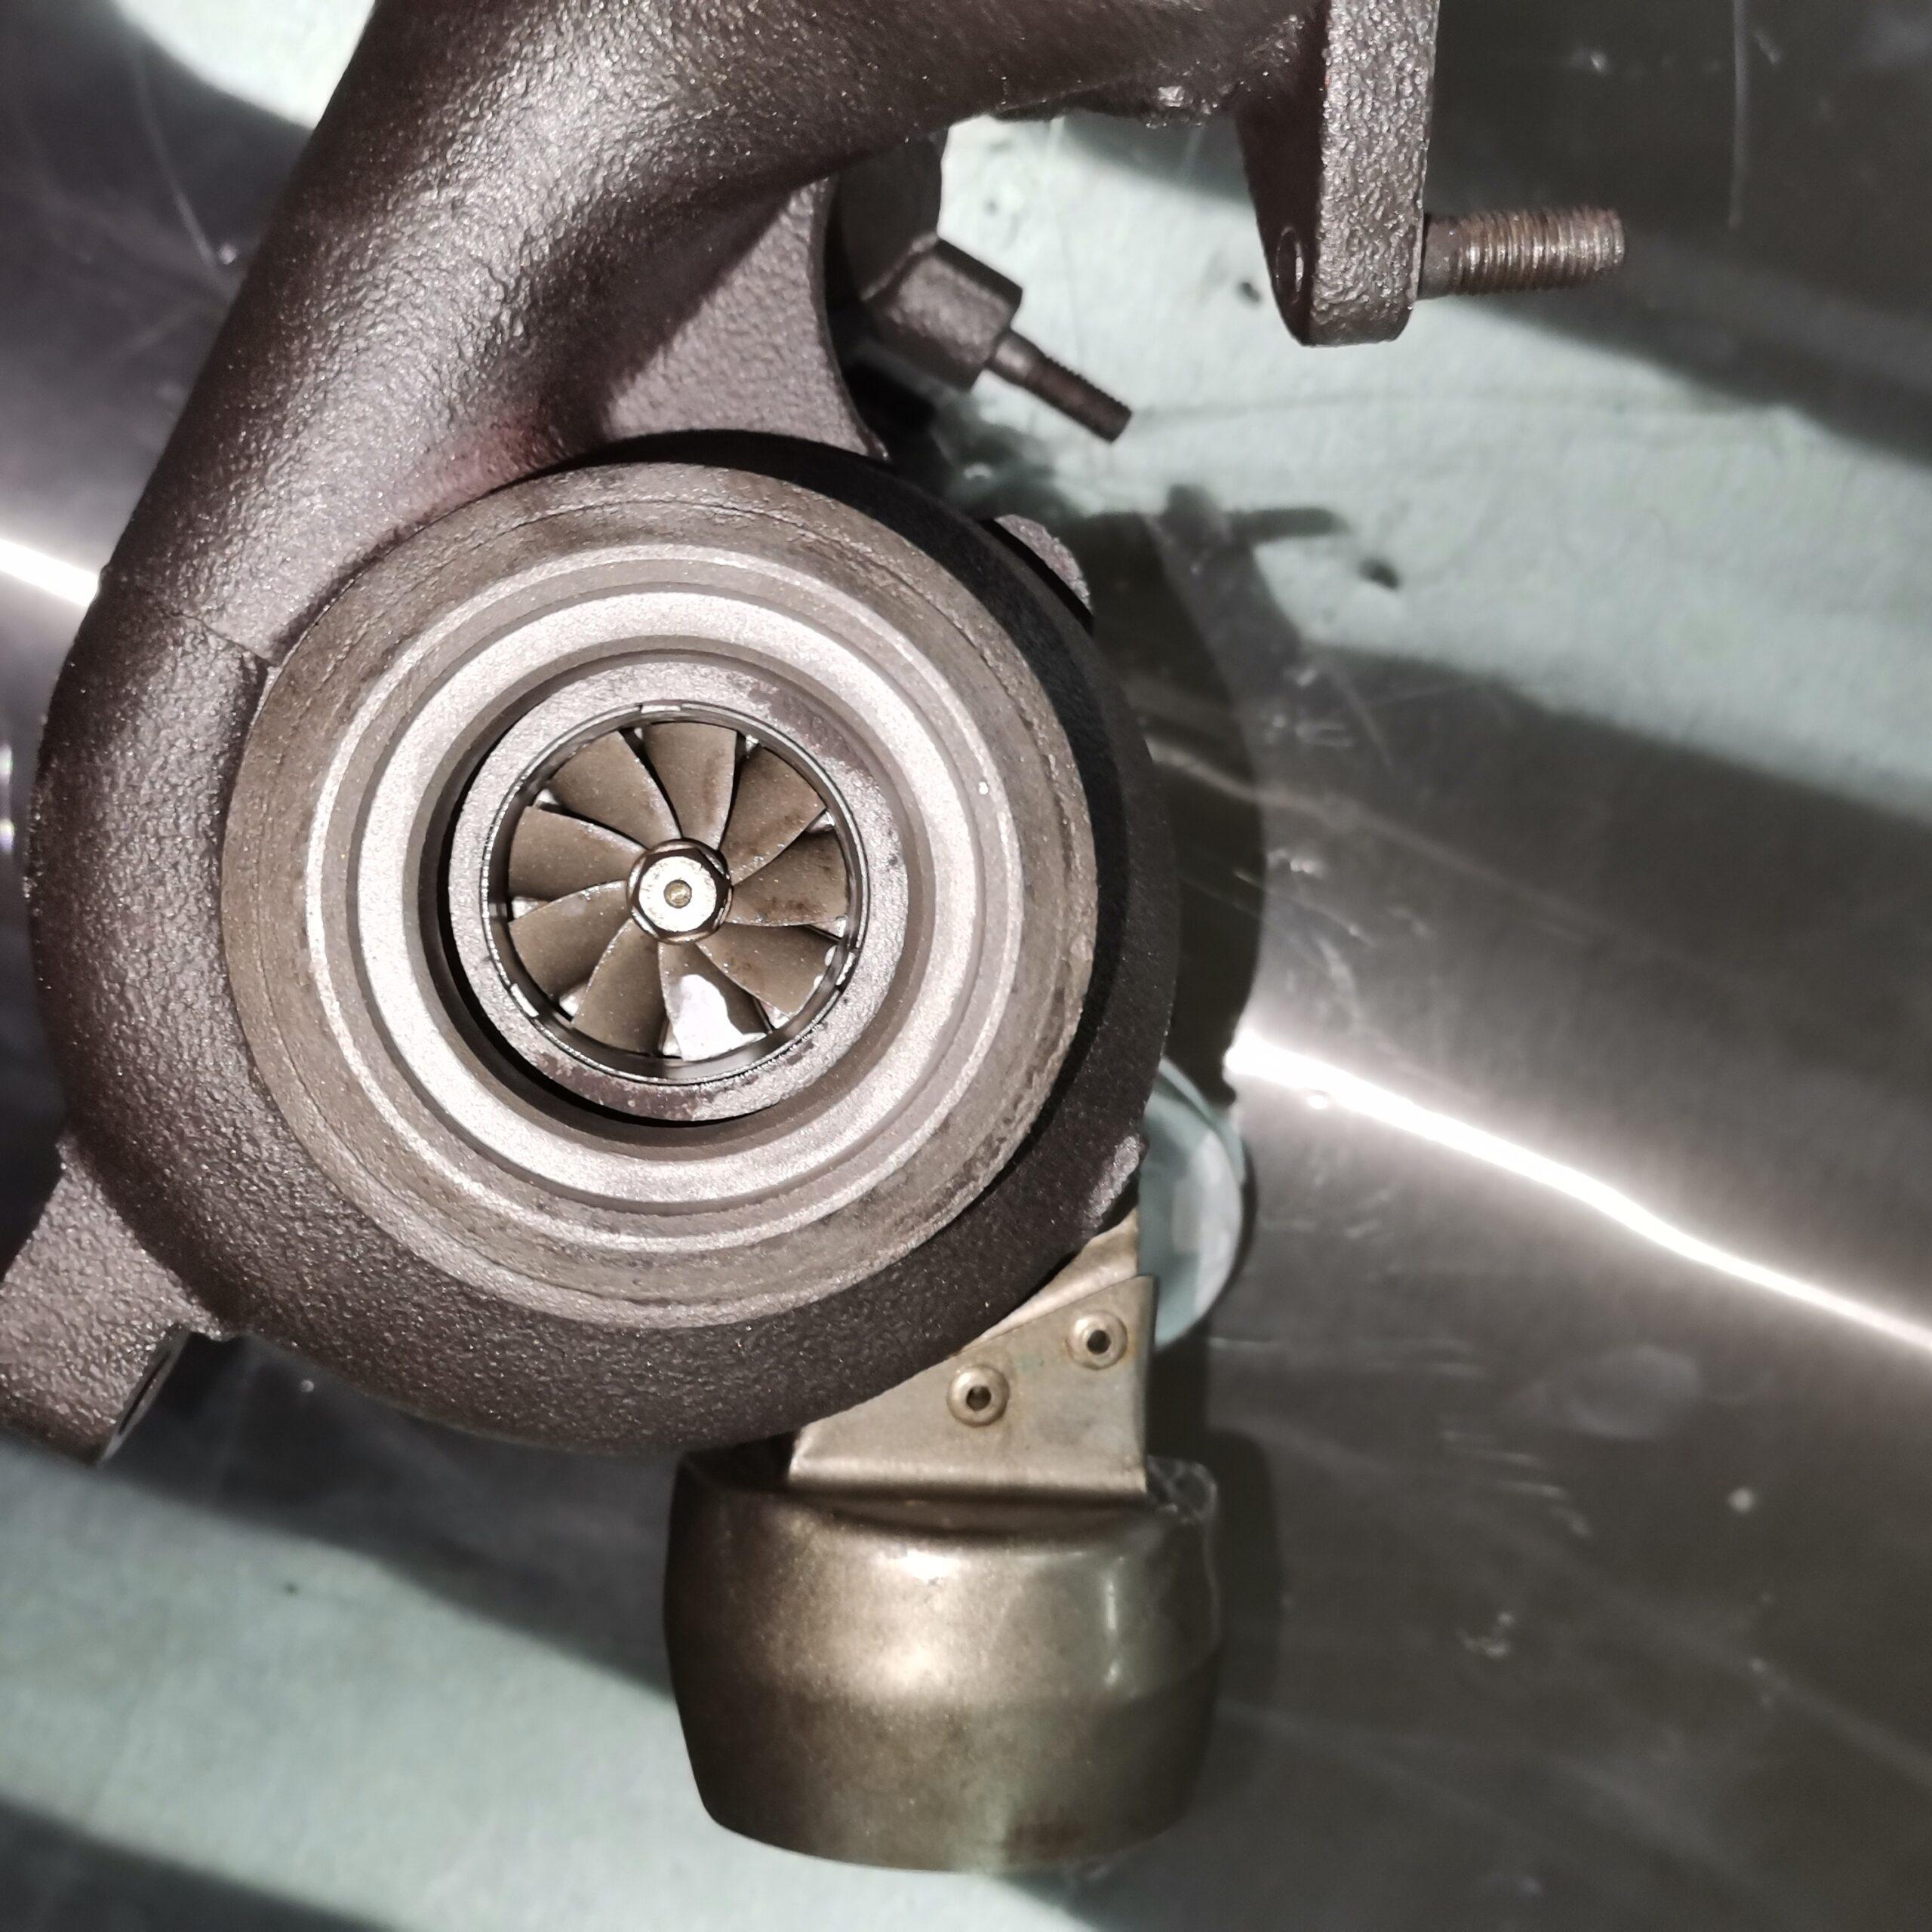 Отремонтировали турбокомпрессор Volkswagen Passat B6 1.9 TDI